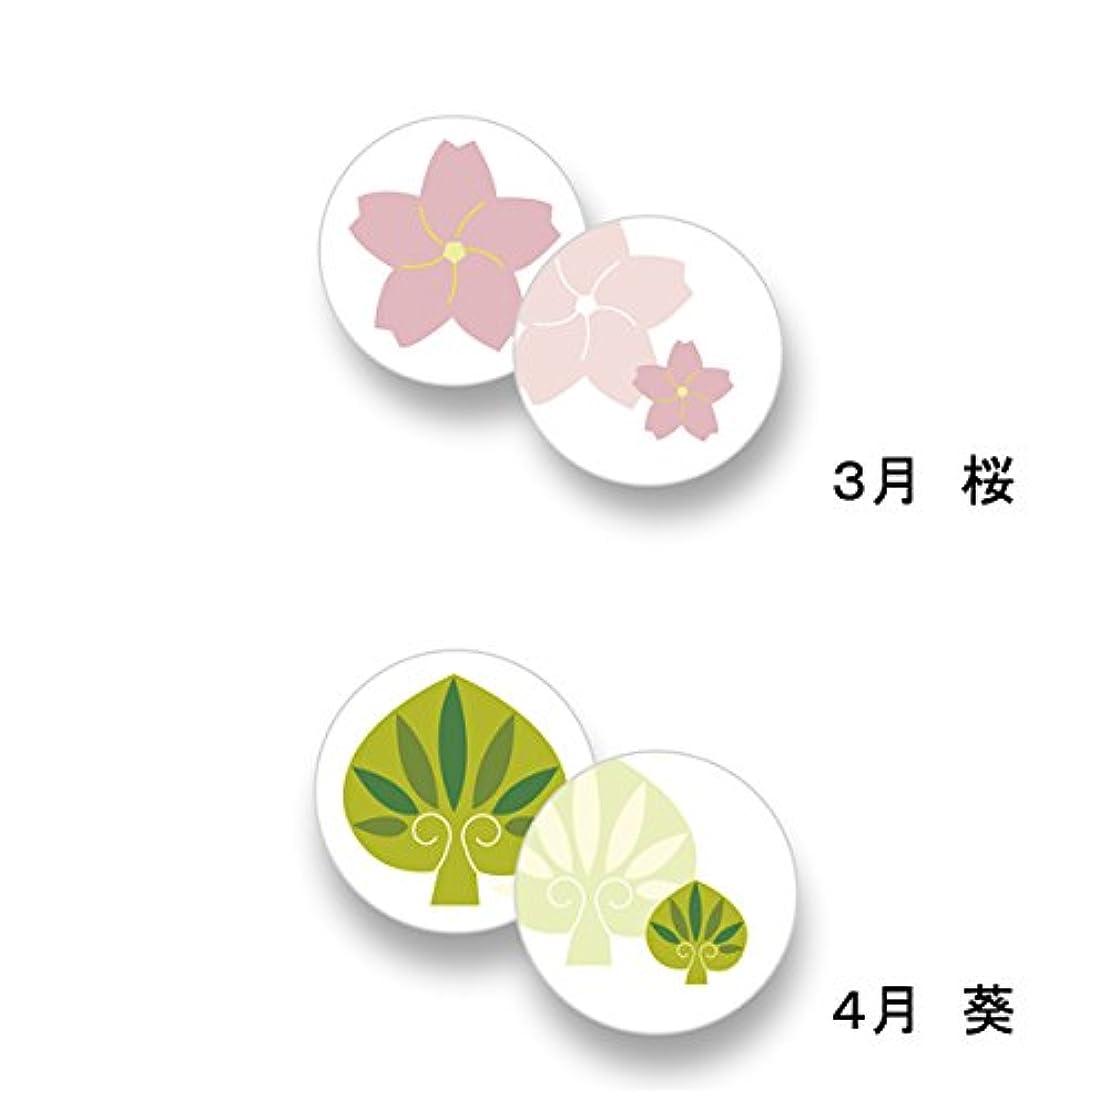 掻くどうやって住居花京香 文香 1月~12月 (4月(葵))